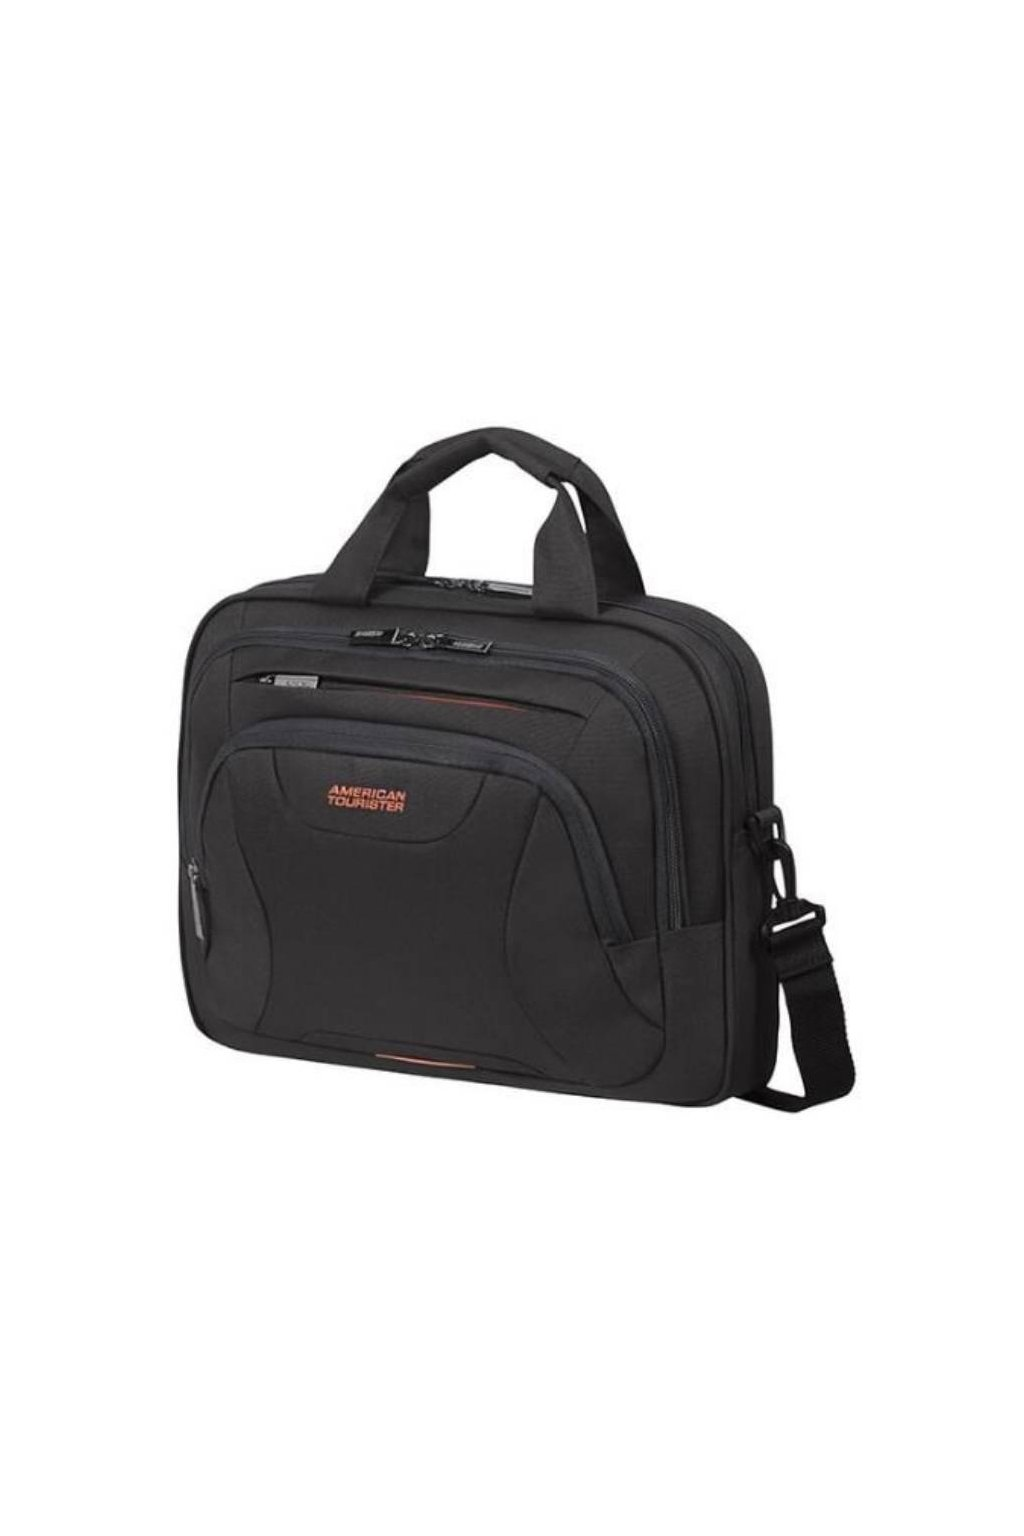 kufrland americantourister laptopbag13.3 14.1 black orange3